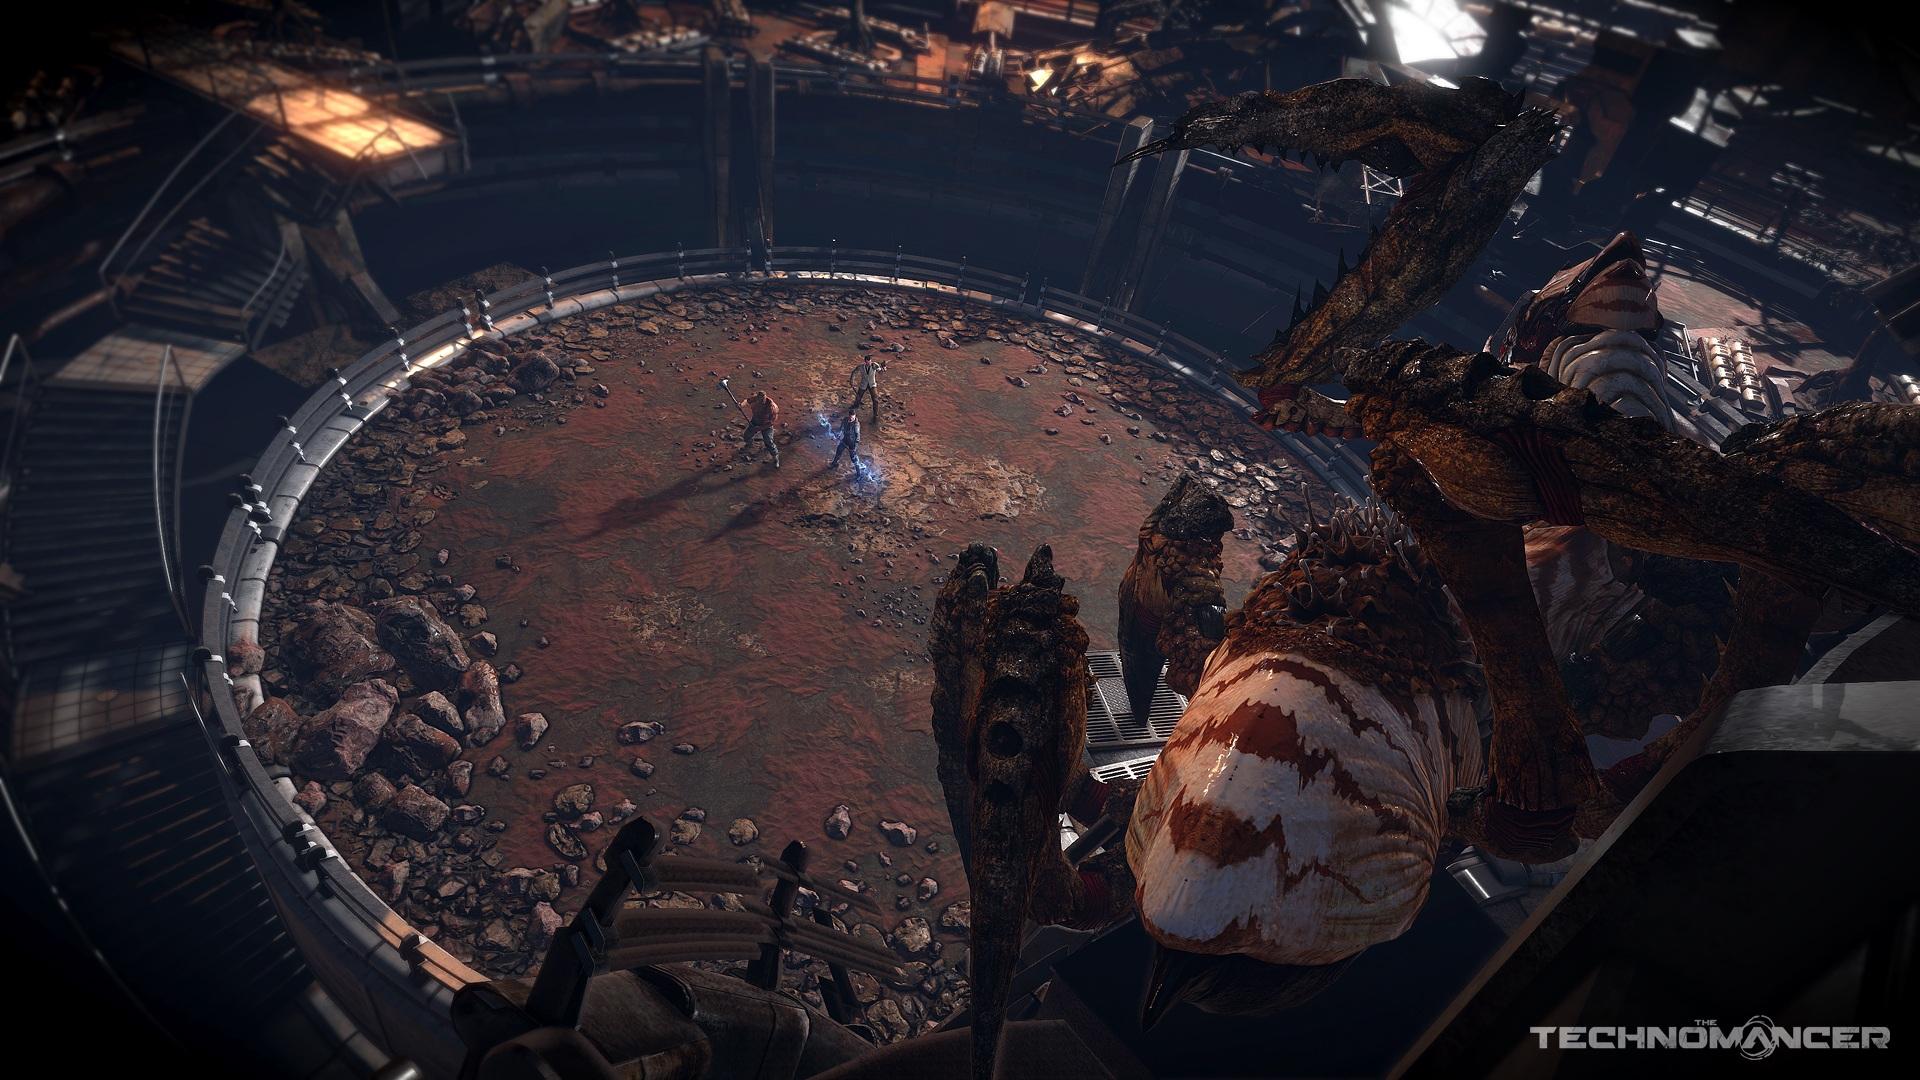 Nové obrázky ze sci-fi RPG titulu The Technomancer 112046